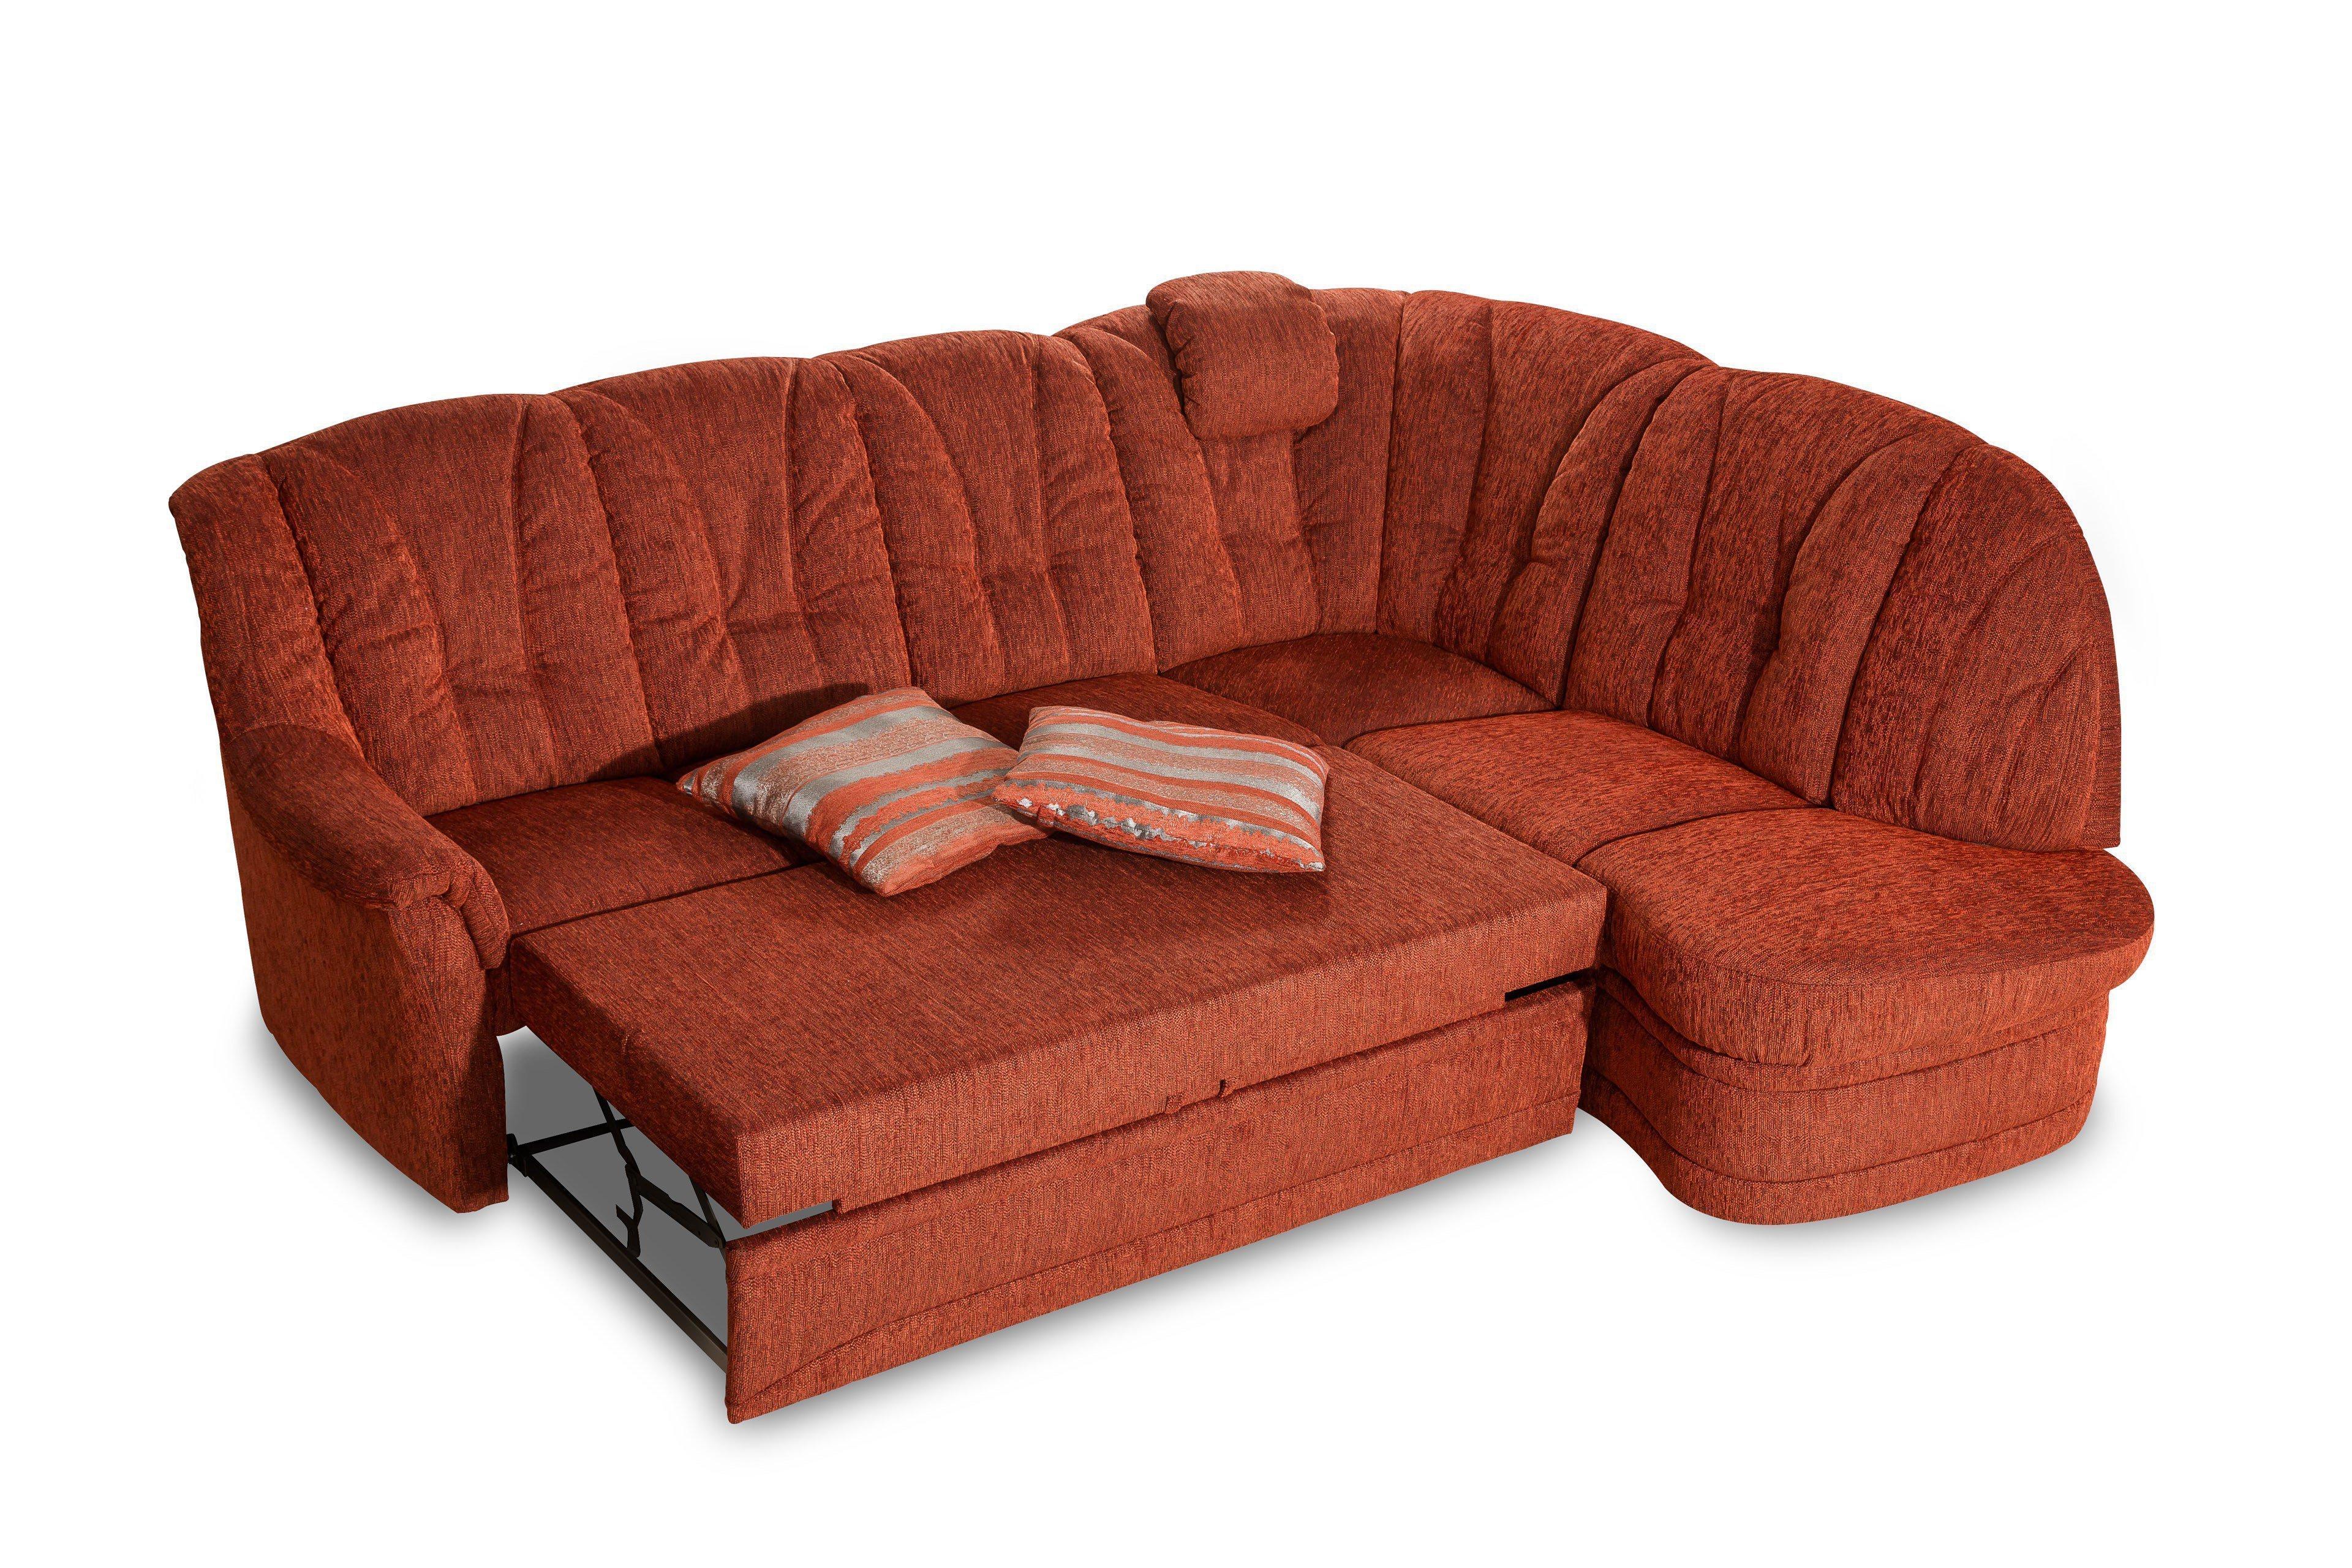 pm oelsa sandy eckgarnitur in rot m bel letz ihr online shop. Black Bedroom Furniture Sets. Home Design Ideas